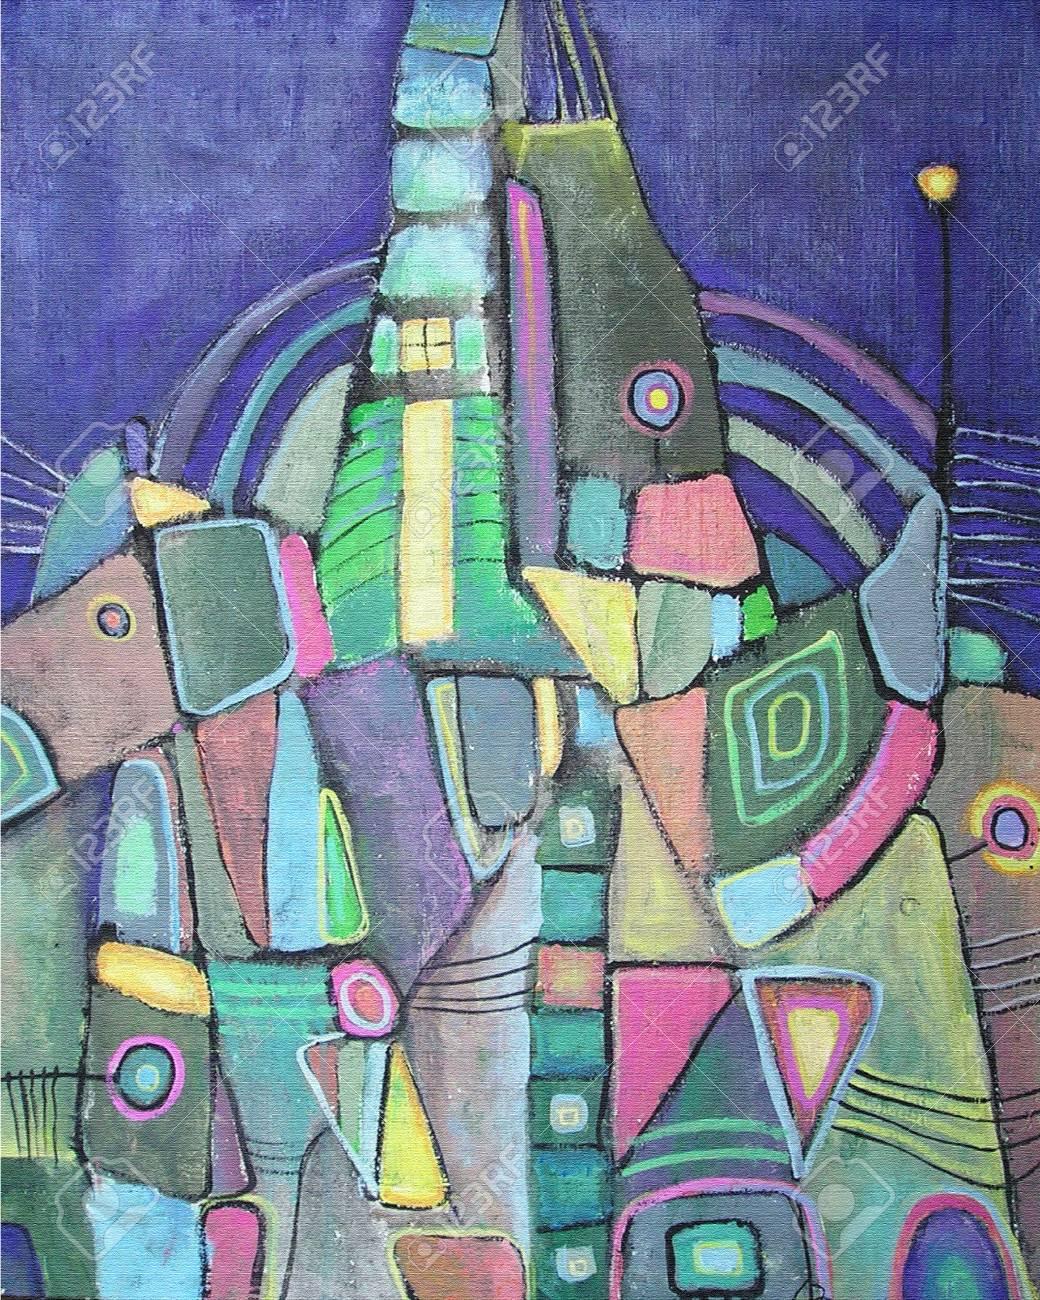 Acrilica Colorata Pittura Città Di Notte Astratto Con Diverse Forme  Geometriche. Composizione Astratta Sfondo Ispirato